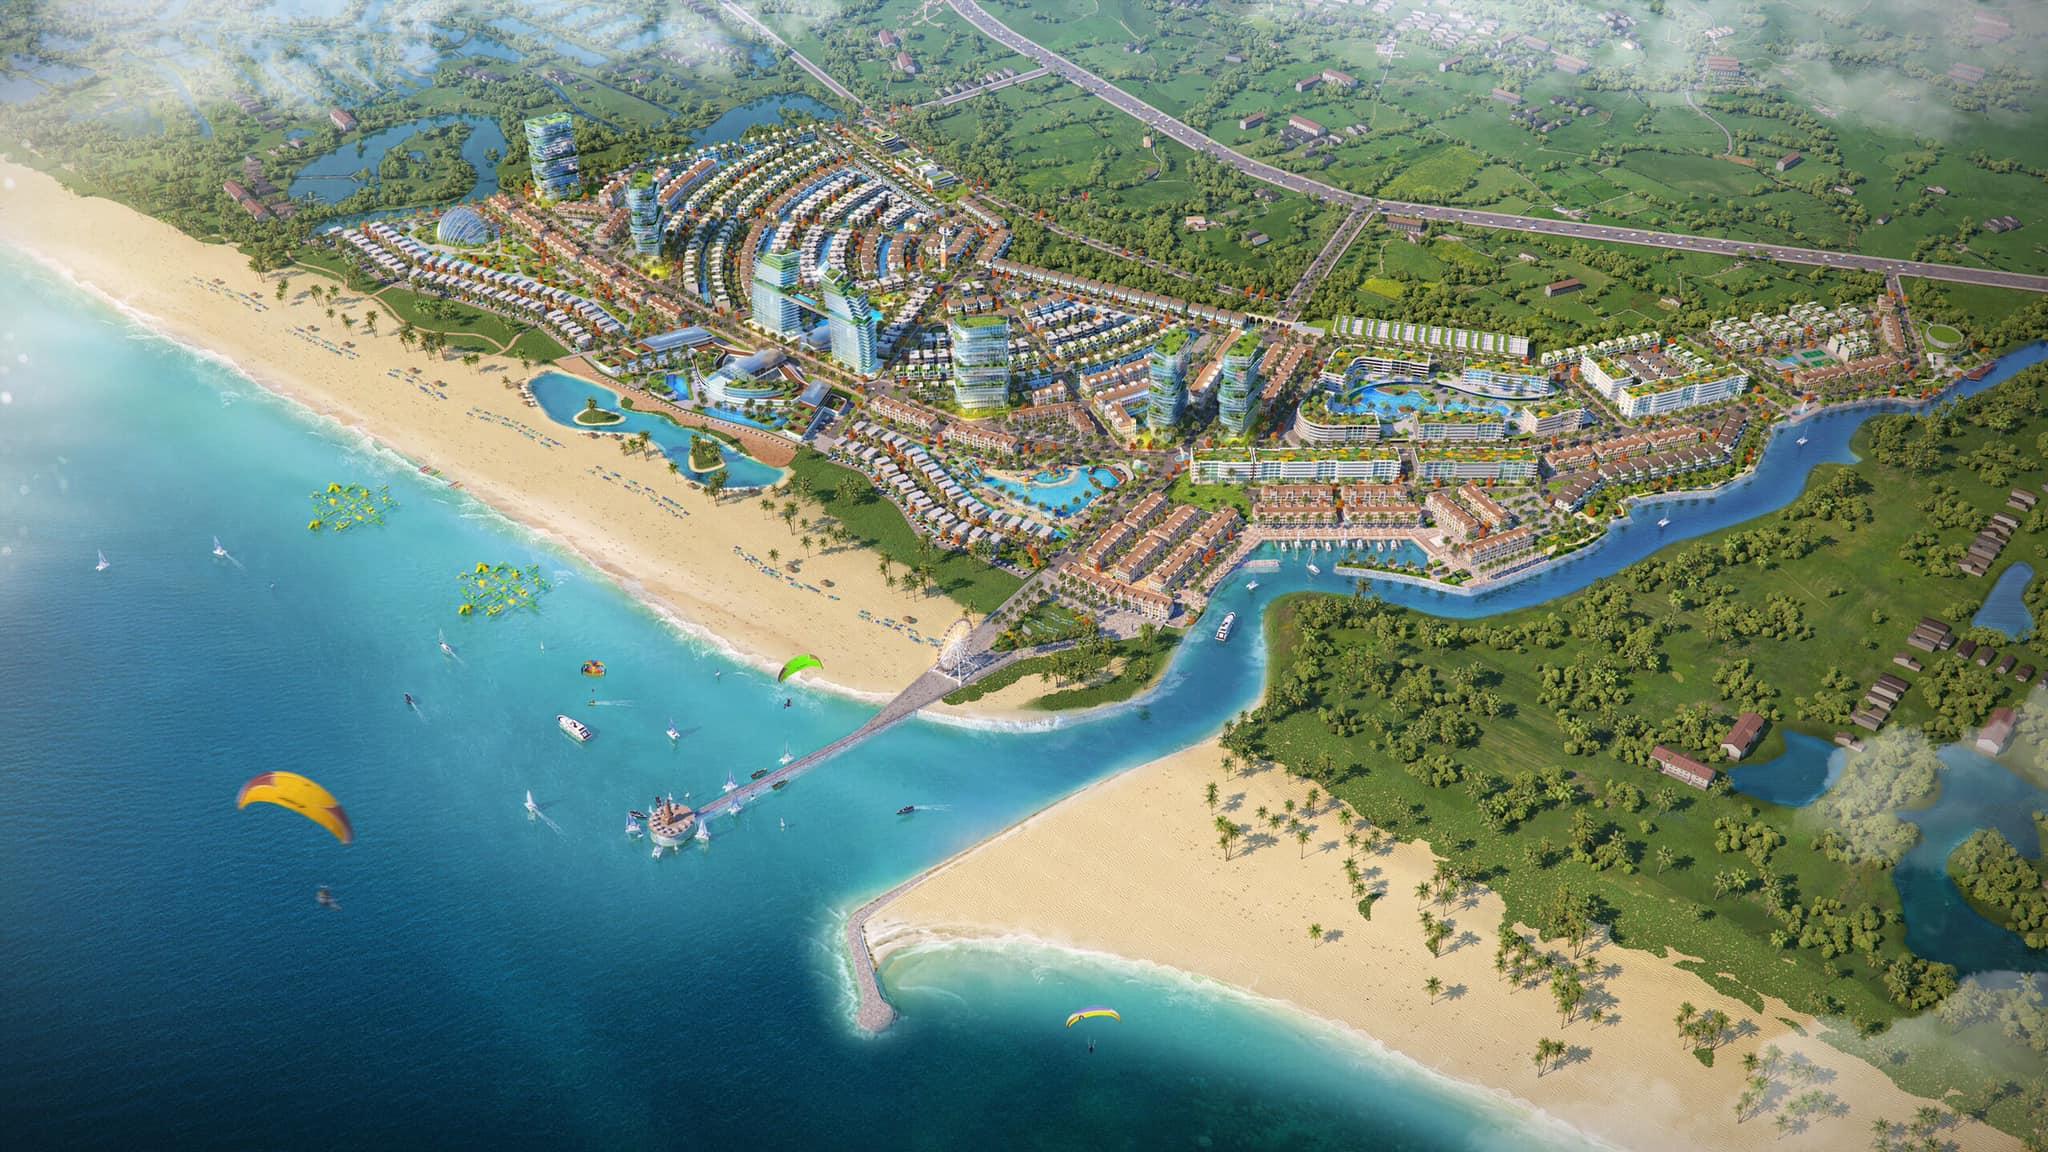 Giai đoạn đầu tiên giới thiệu ra thị trường 681 sản phẩm thấp tầng mặt tiền biển, 6 block căn hộ khoảng 3.000 sản phẩm sở hữu lâu dài